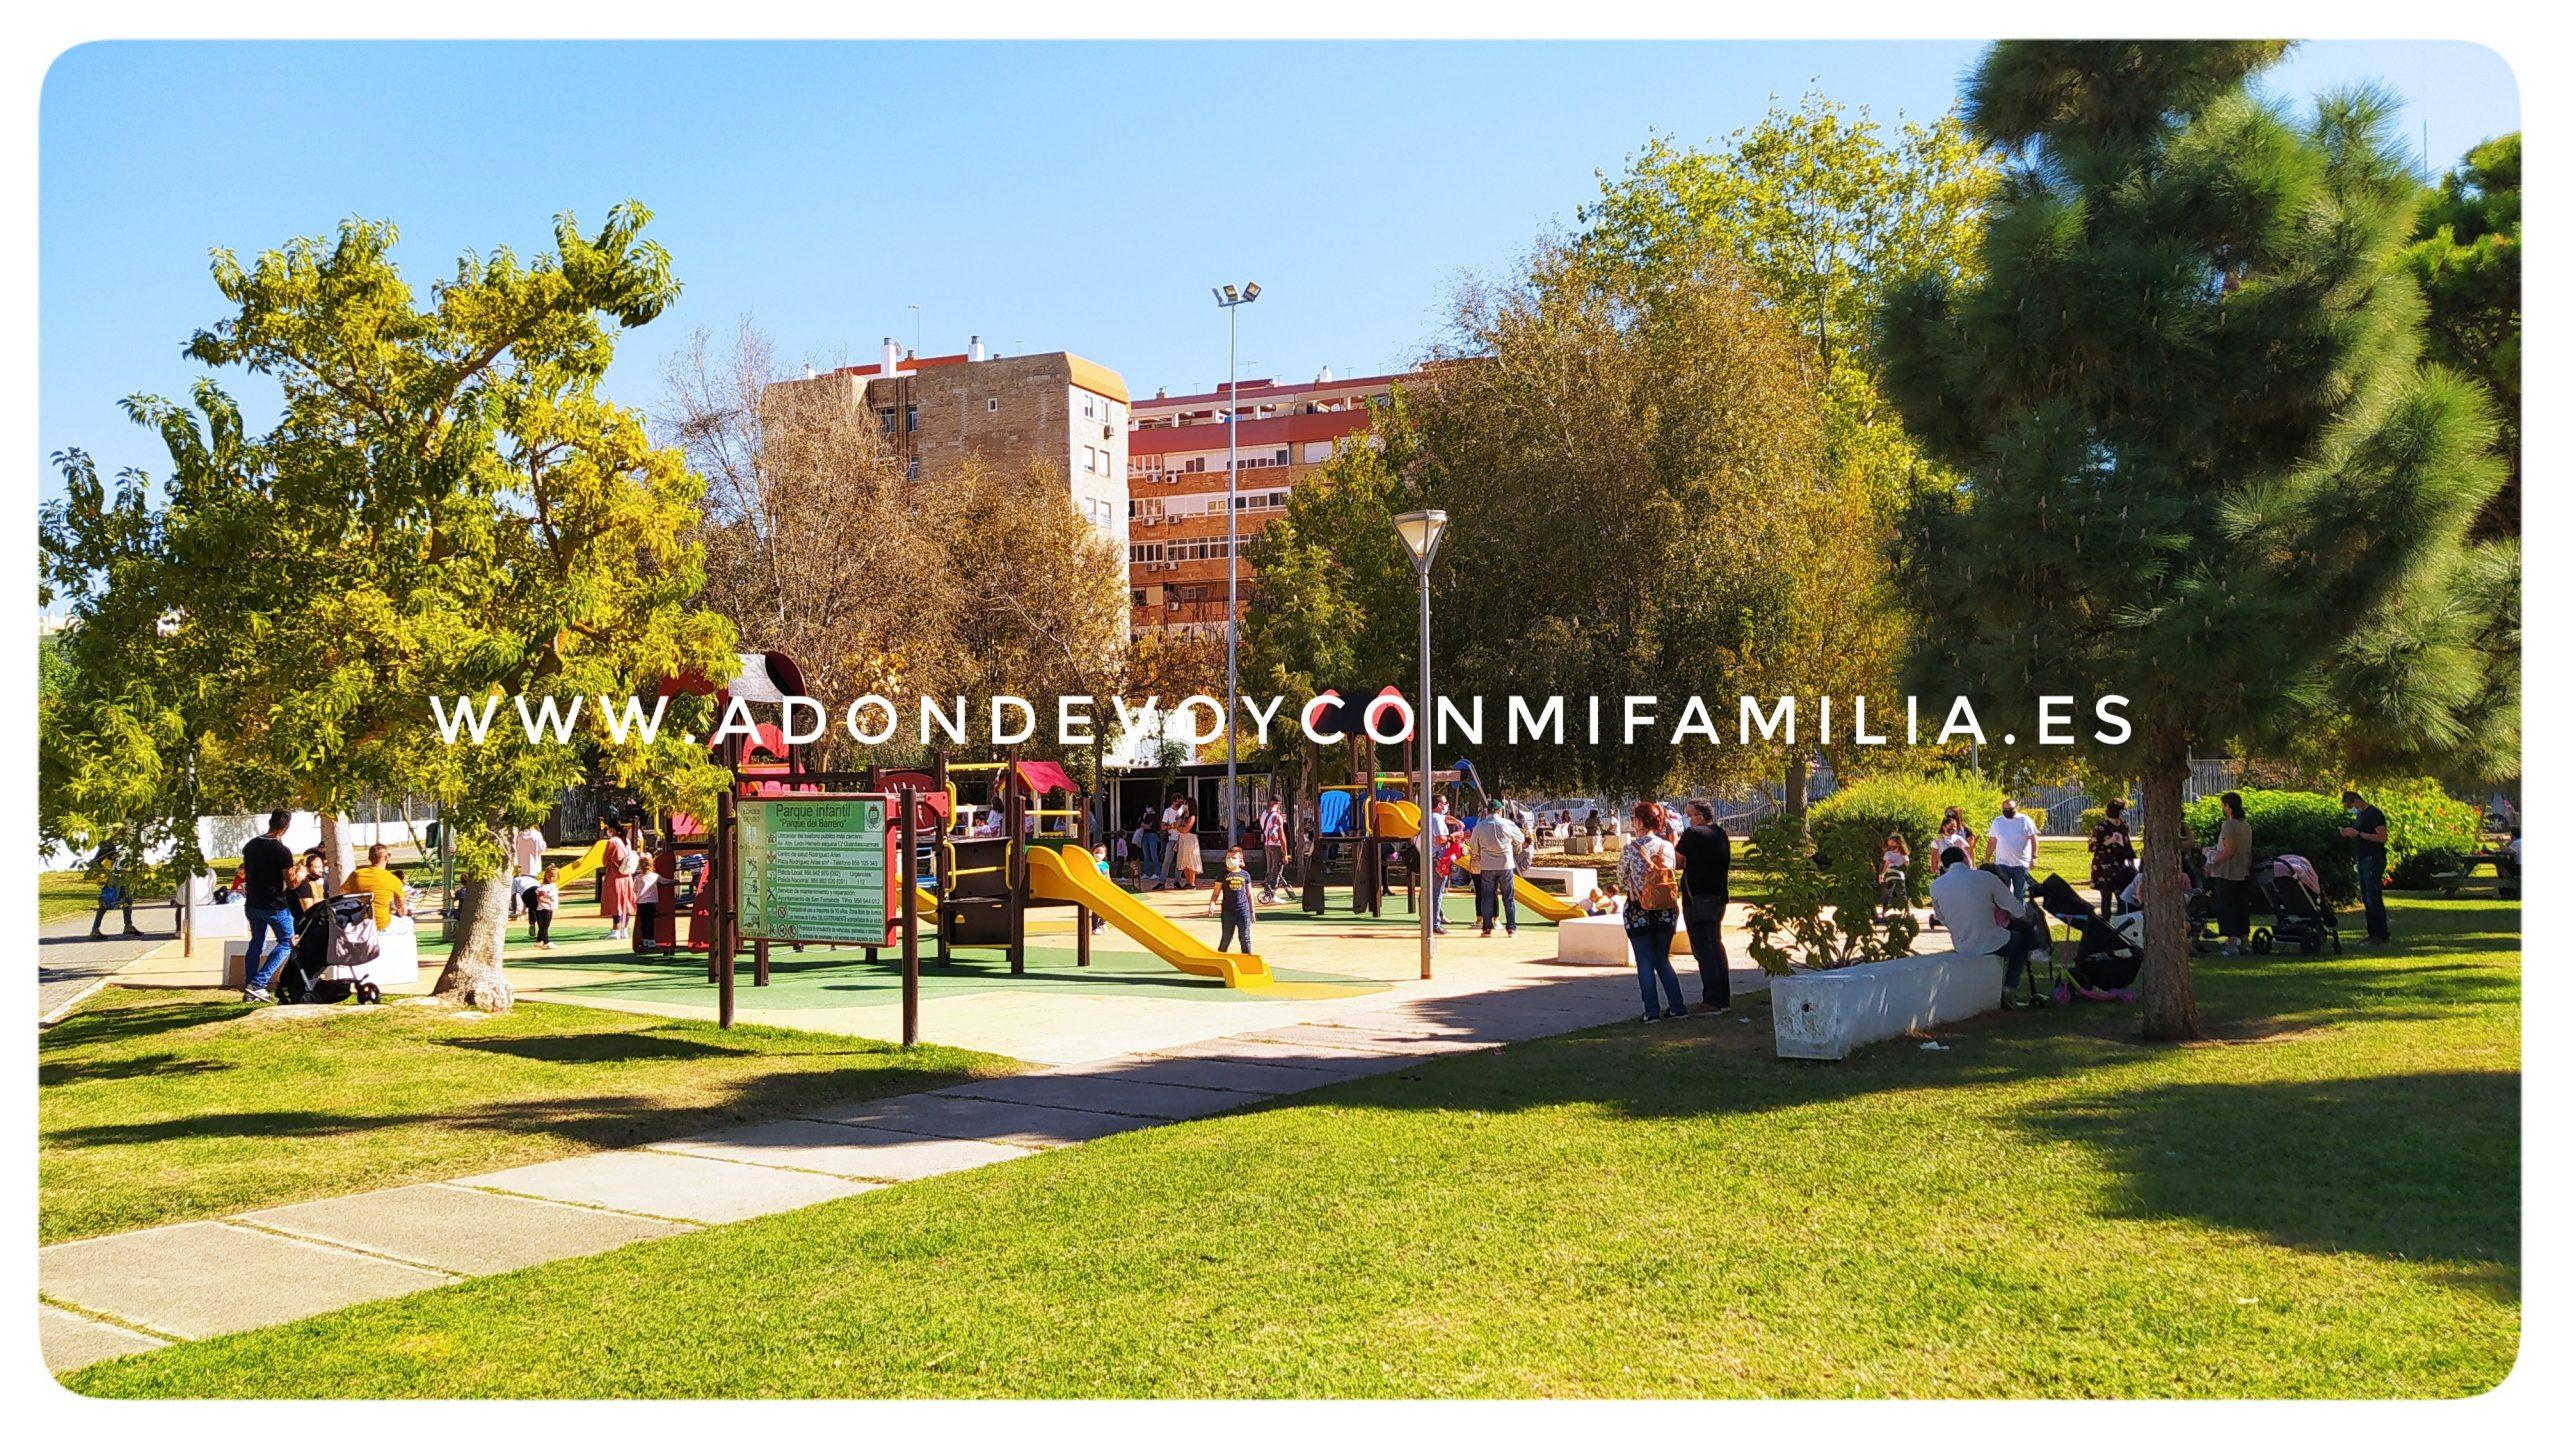 parque barrero adondevoyconmifamilia (6)